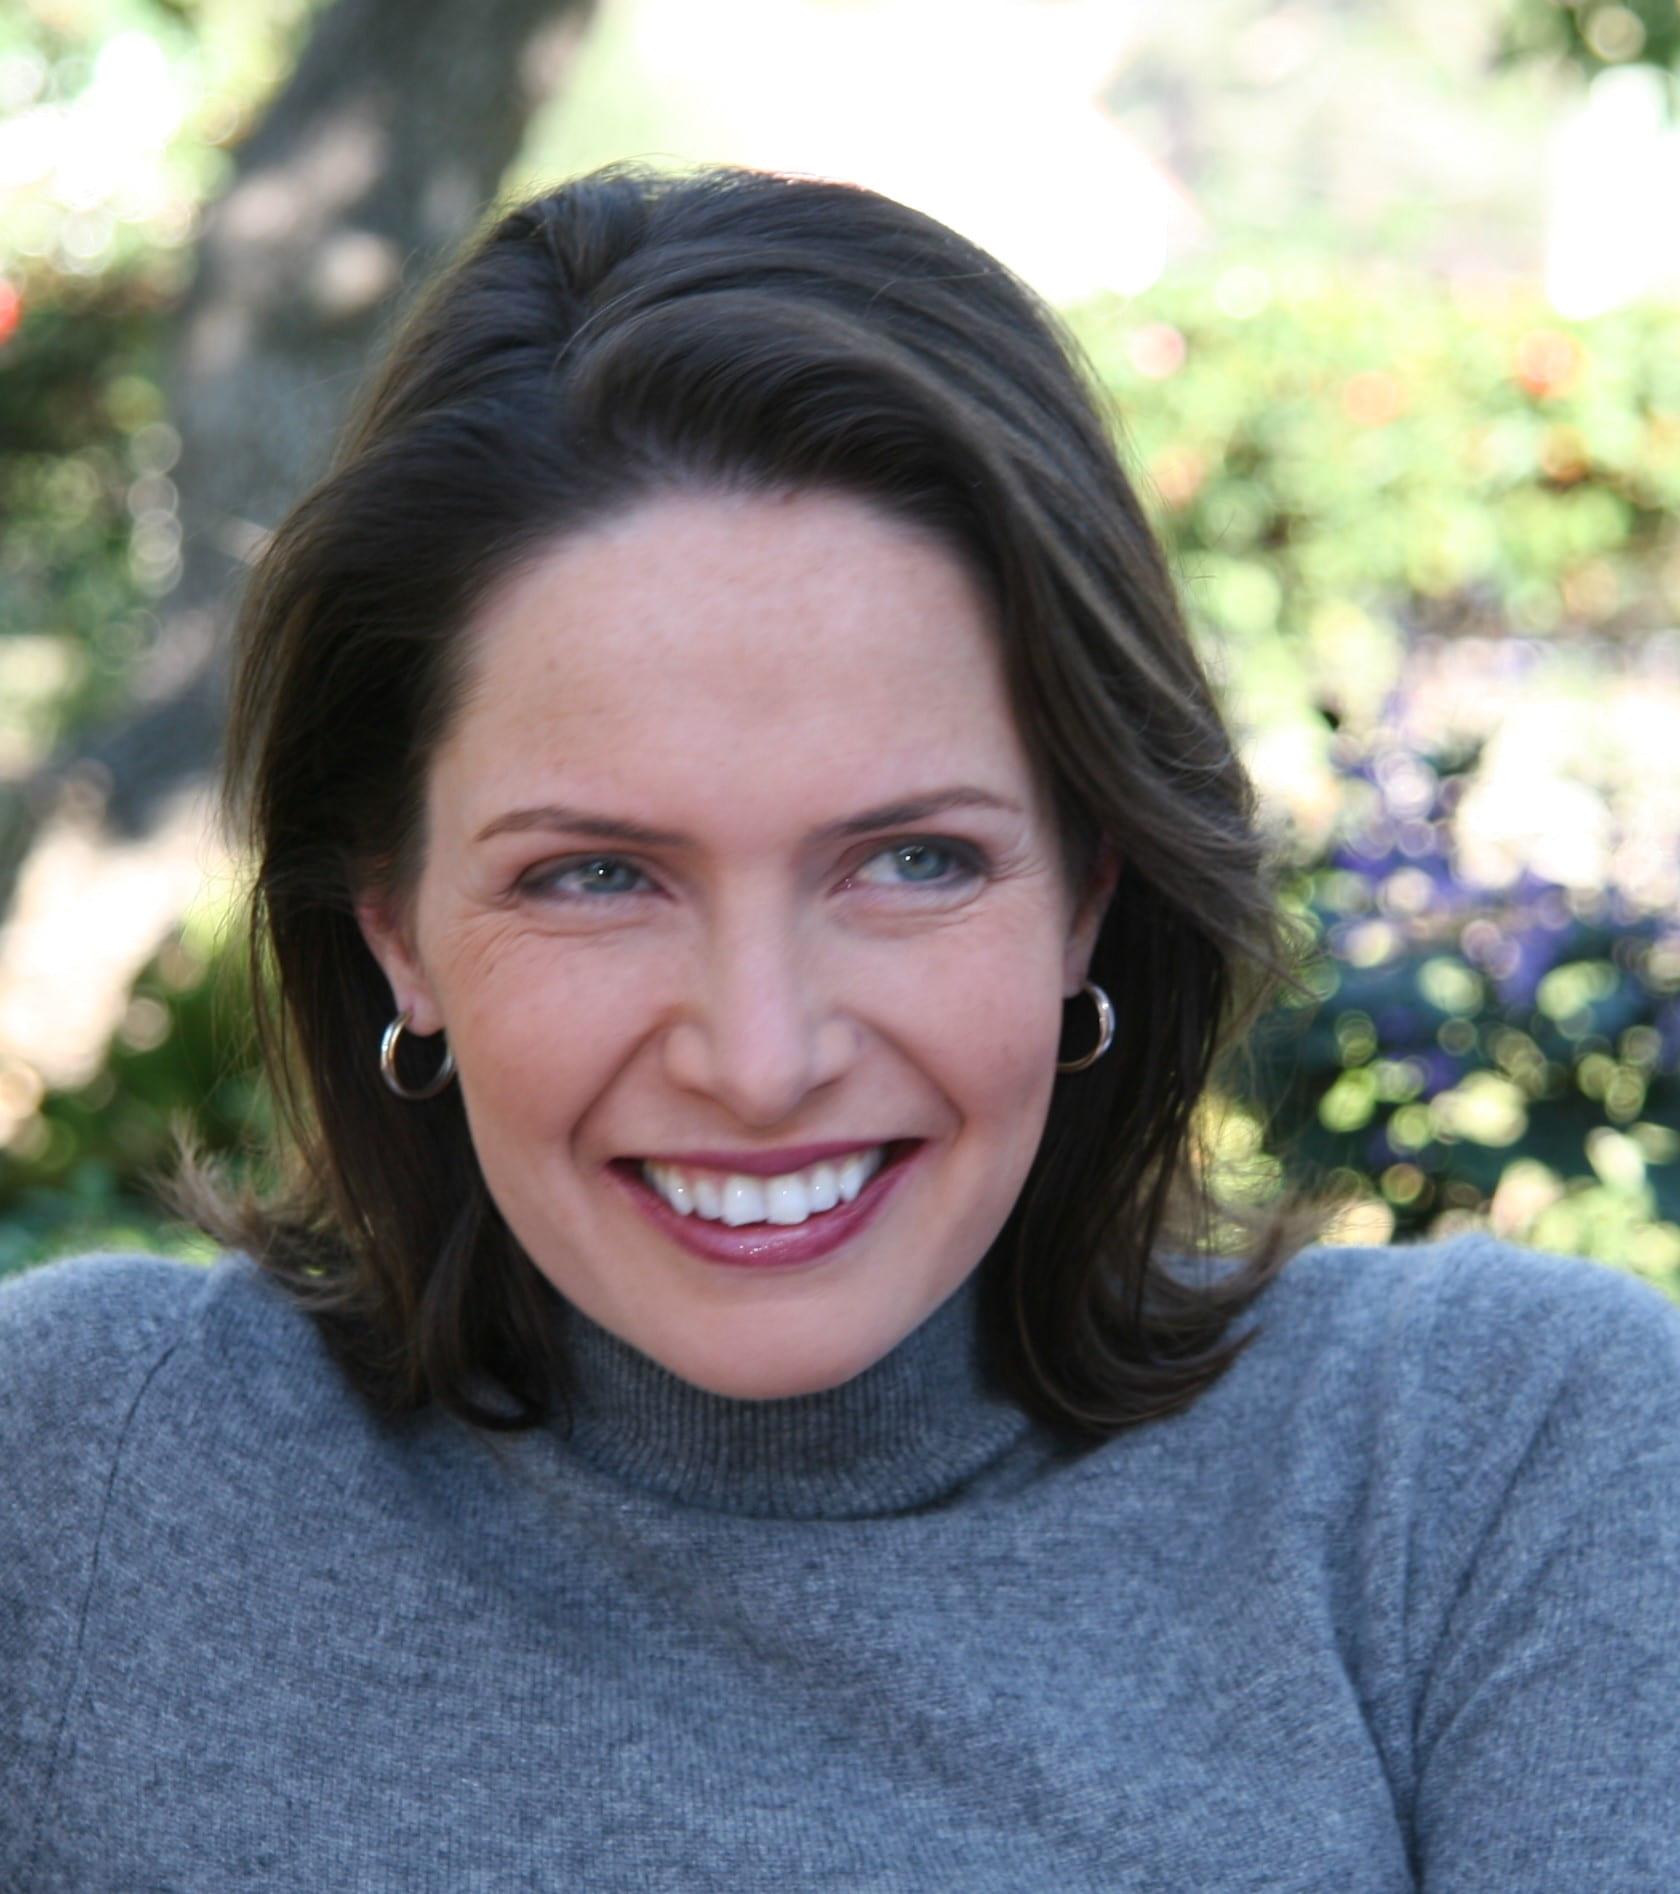 Jacqueline deMontravel